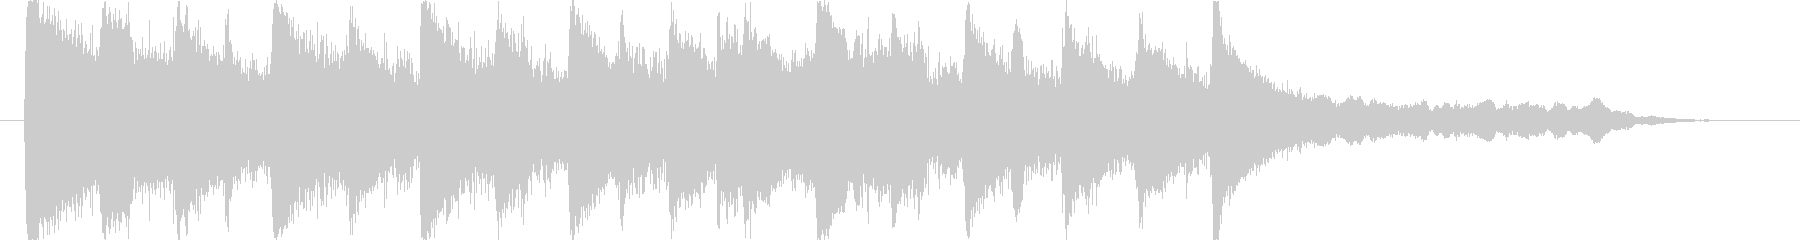 エキゾチックで怪しげな民族音楽ロゴの未再生の波形